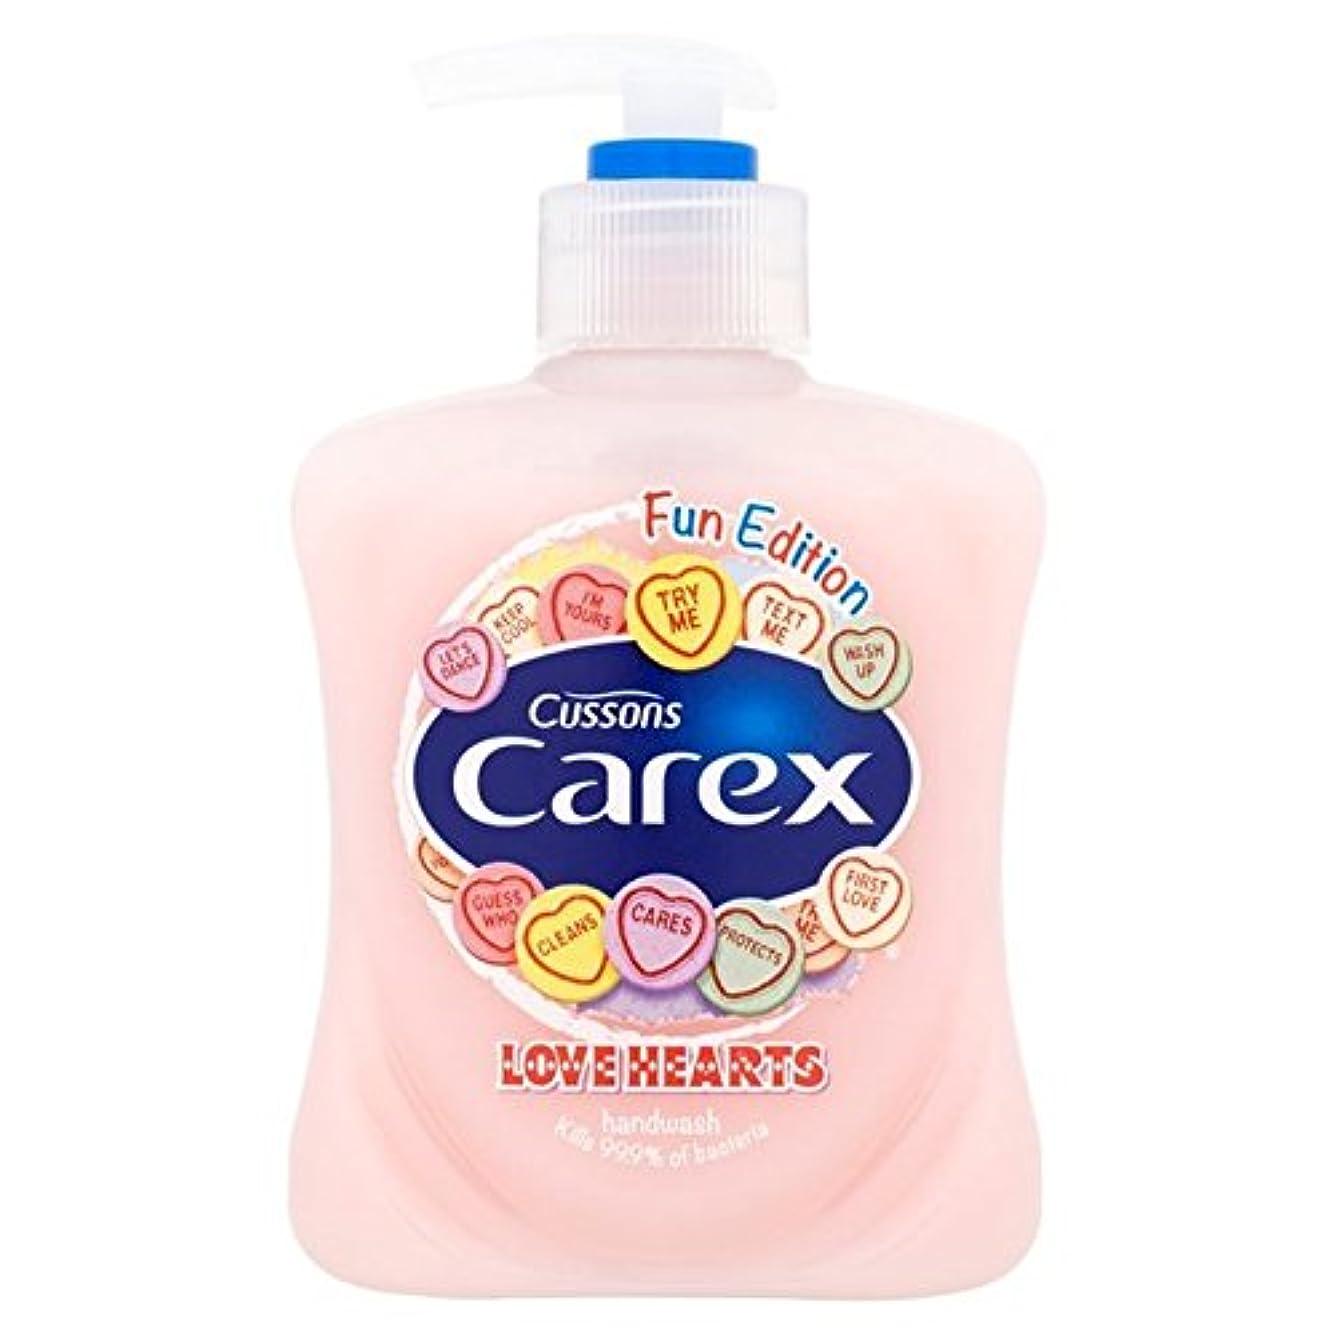 レモン出費酸素Carex Fun Edition Love Hearts Hand Wash 250ml - スゲ楽しい版愛の心のハンドウォッシュ250ミリリットル [並行輸入品]